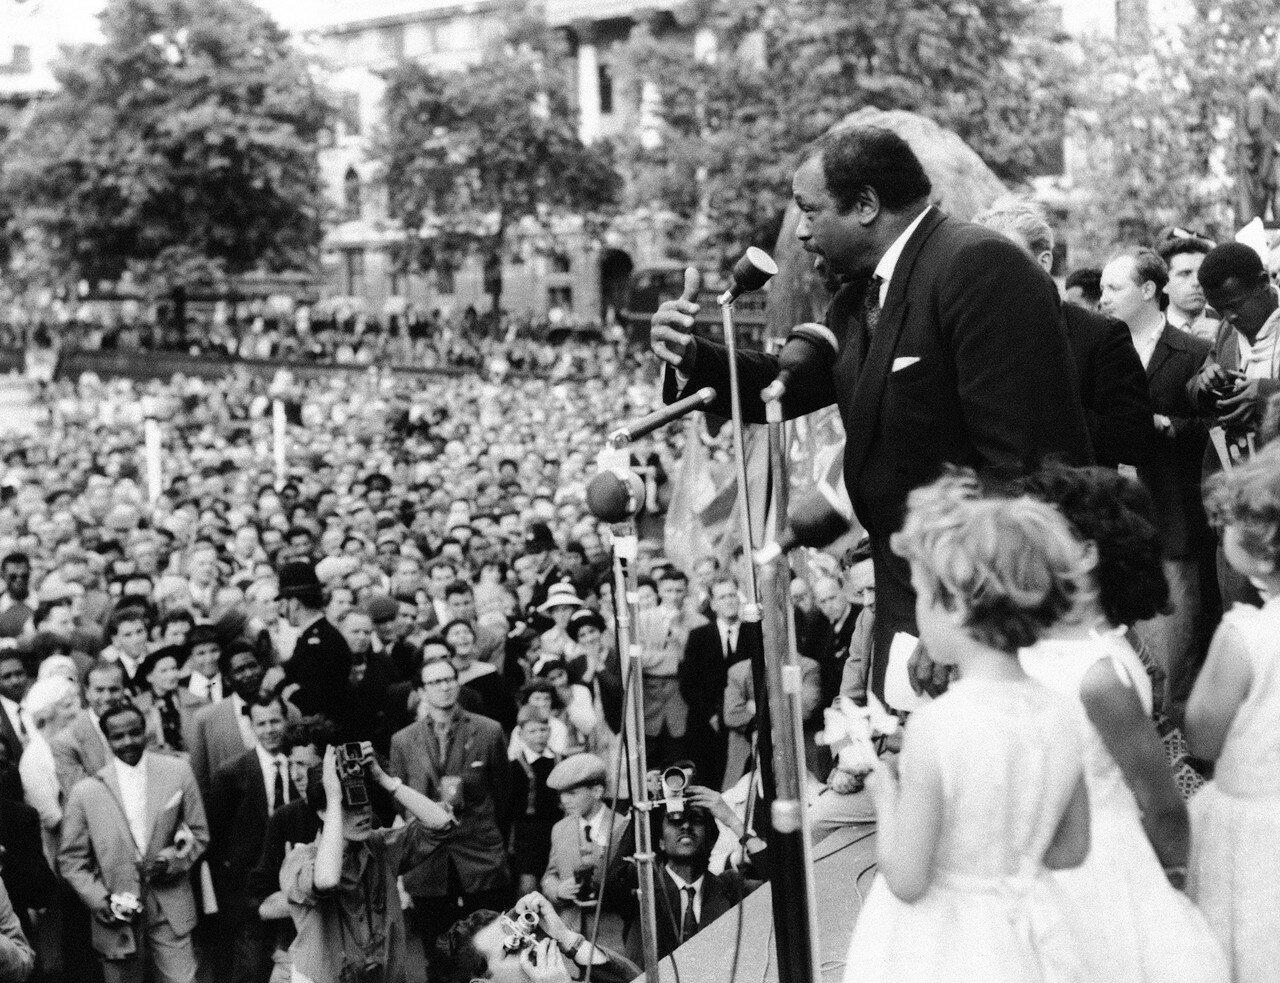 1959. 28 июня. Американский баритон Поль Робсон обращается к толпе собравшейся на Трафальгарской площади с призывом выступить против испытаний водородной бомбы